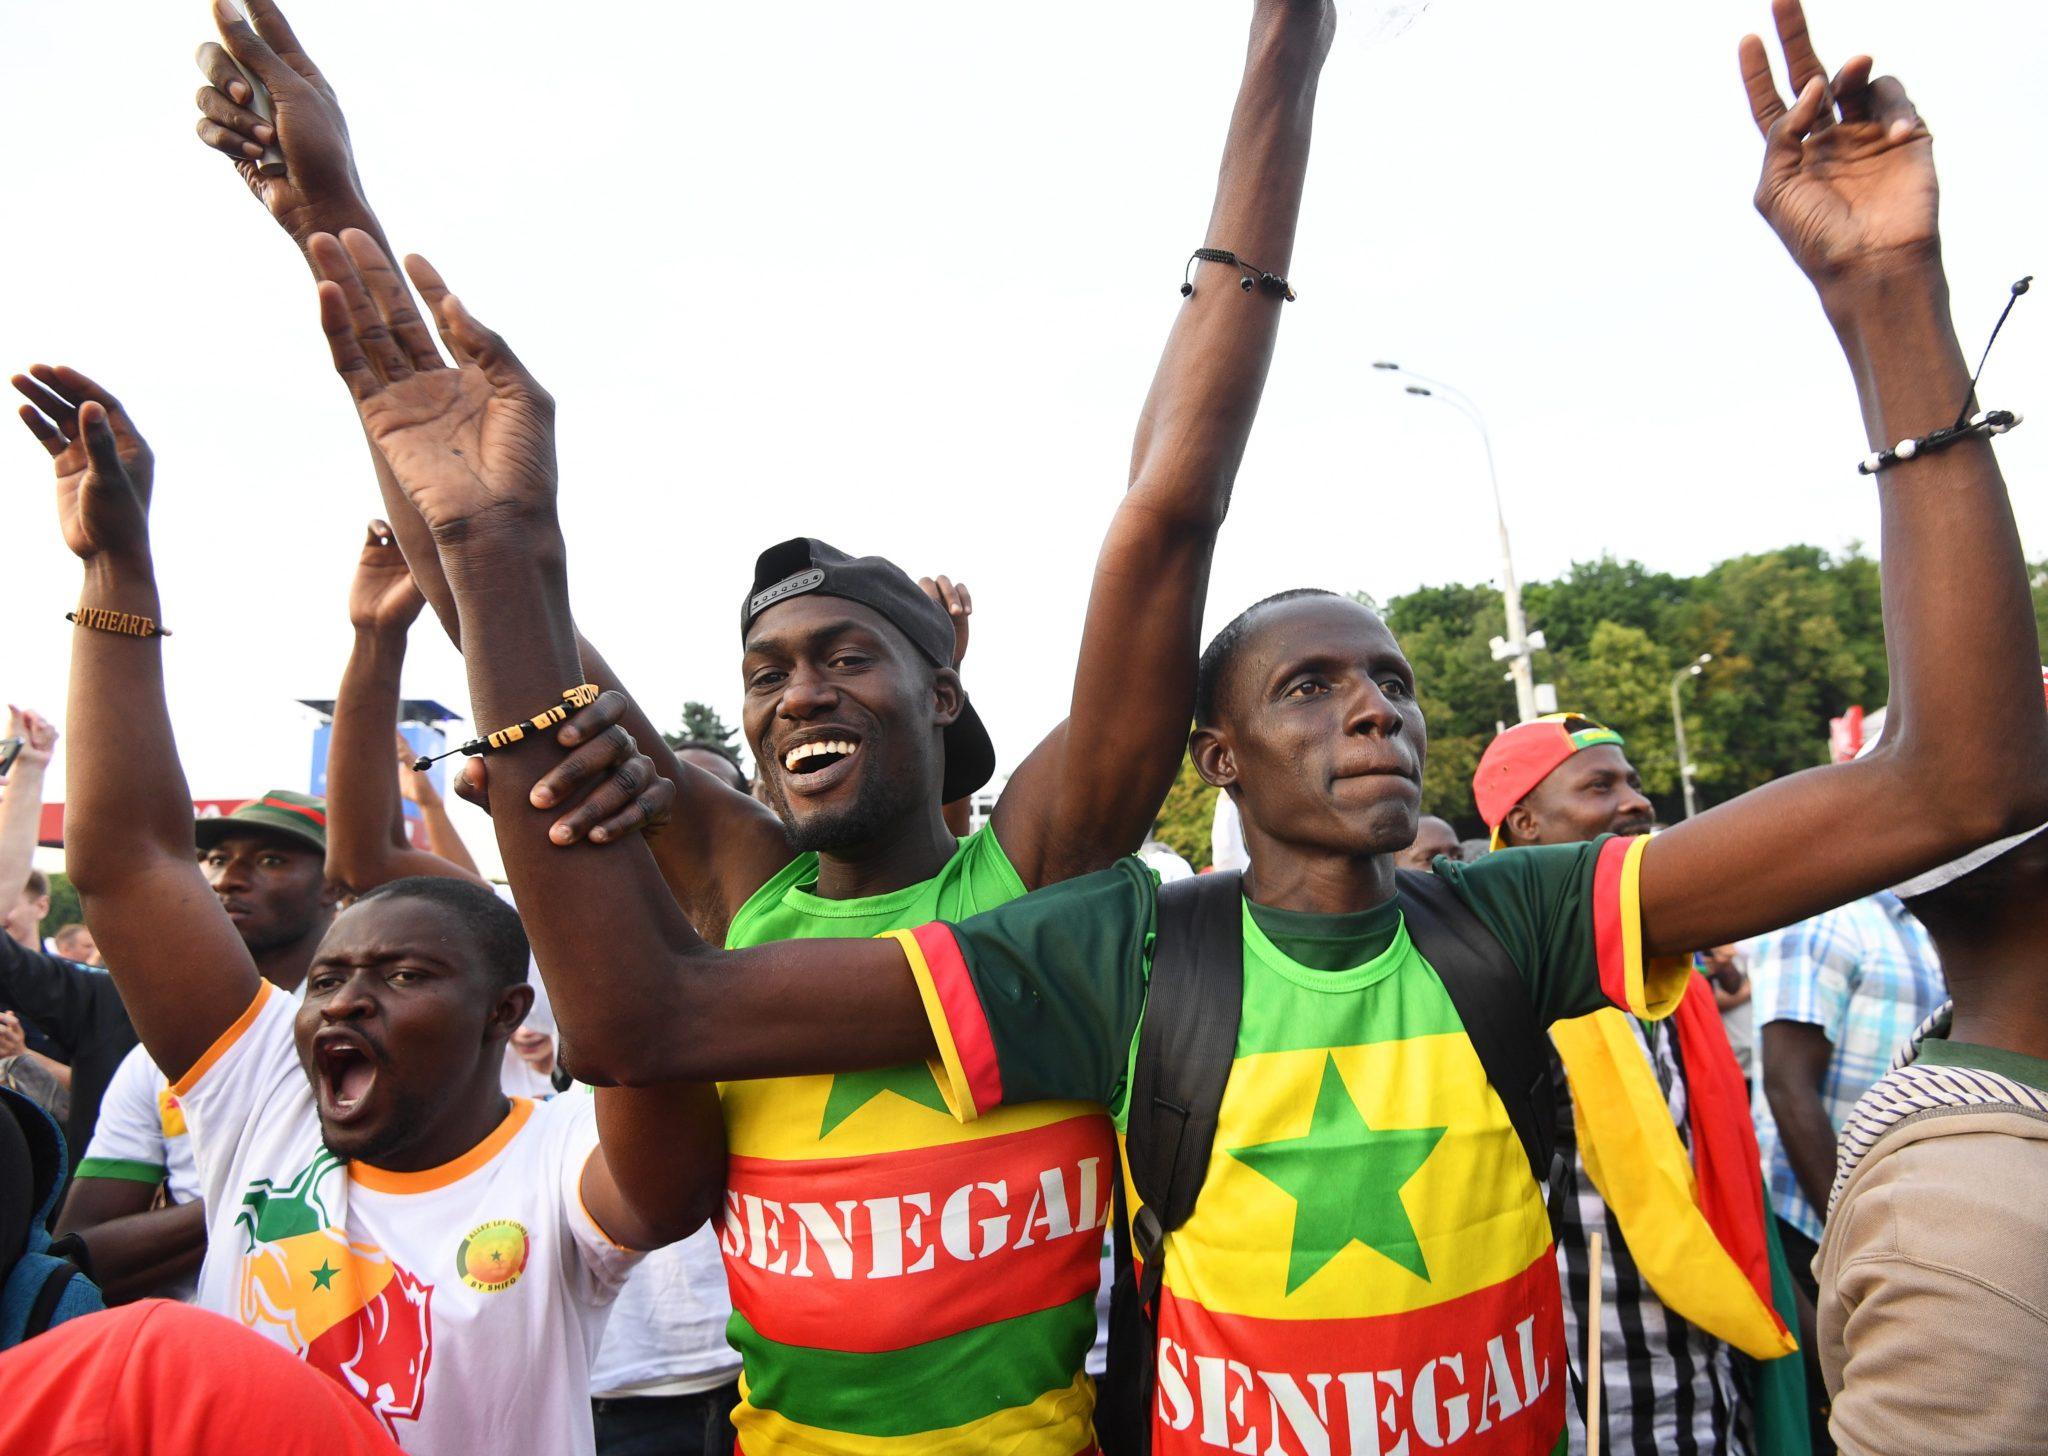 Moskwa: kibice reprezentacji Senegalu cieszą się po zwycięstwie ich drużyny w meczu z Polską, Mundial 2018, fot: Facundo Arrizabalaga, PAP/EPA